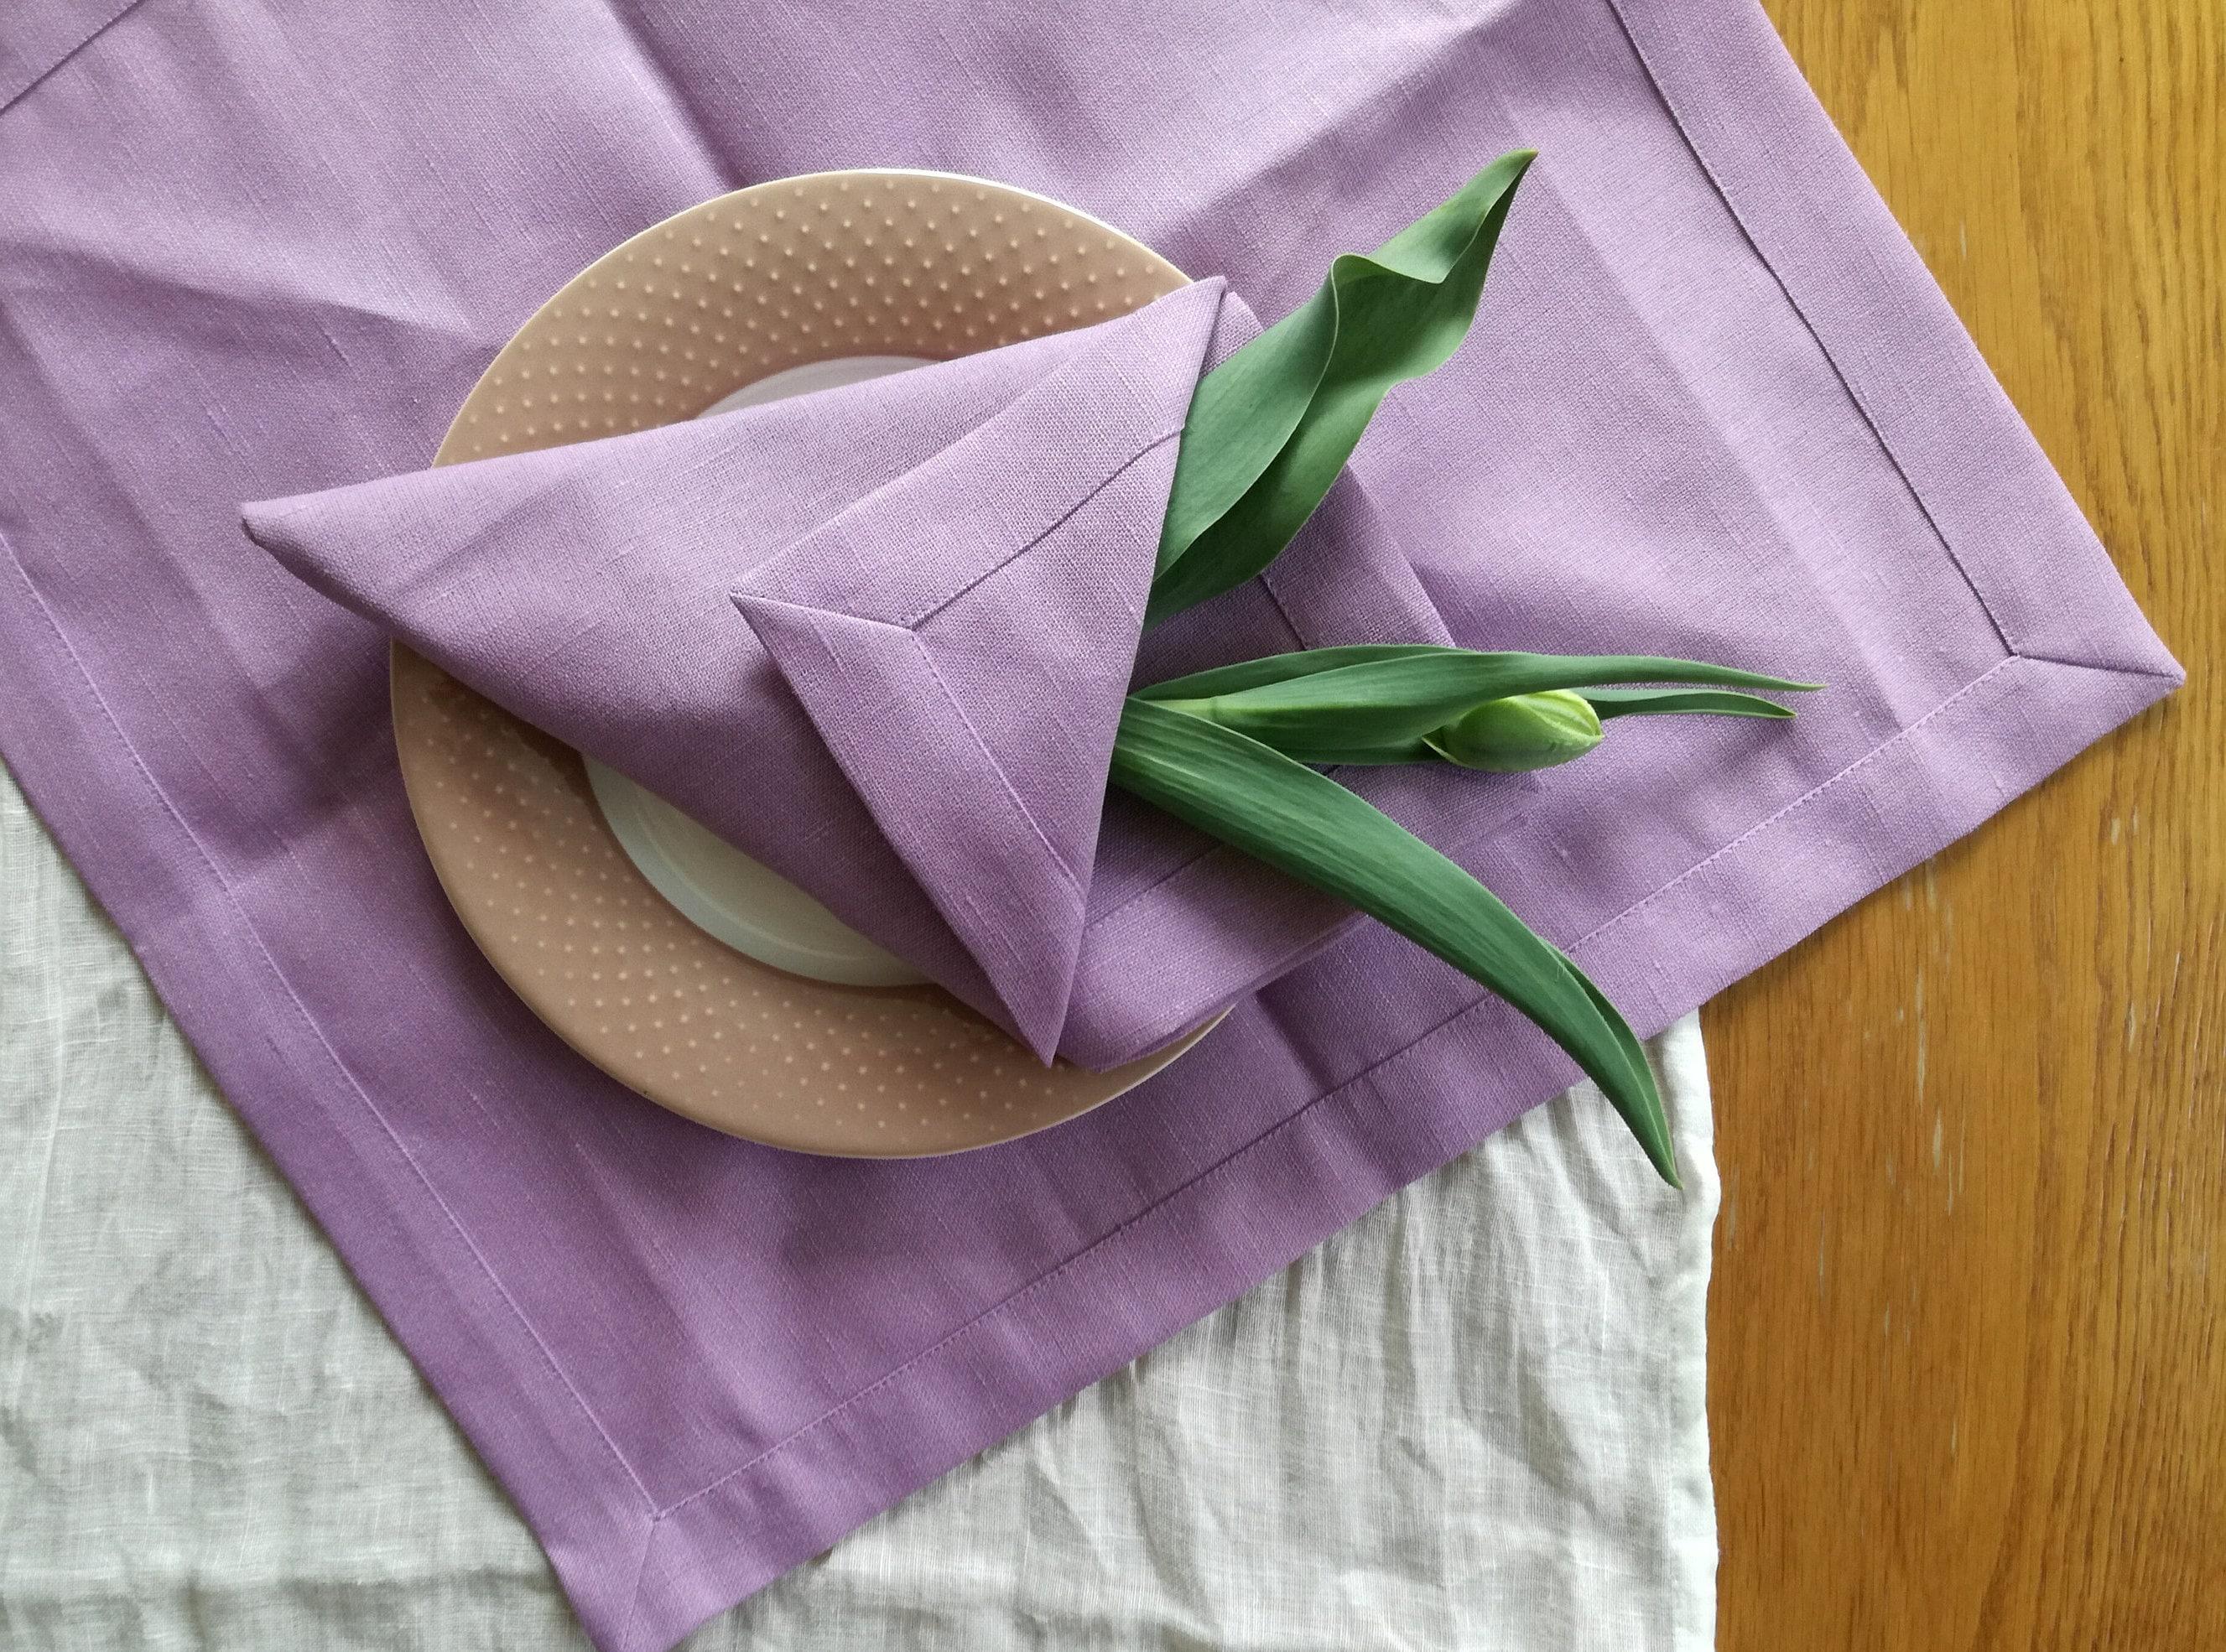 Light Violet Linen Tablecloth   Rose / Pink Lavender Linen Tablecloth    Wedding Linen Tablecloth   Elegant Linen Tablecloth   Easter Linen